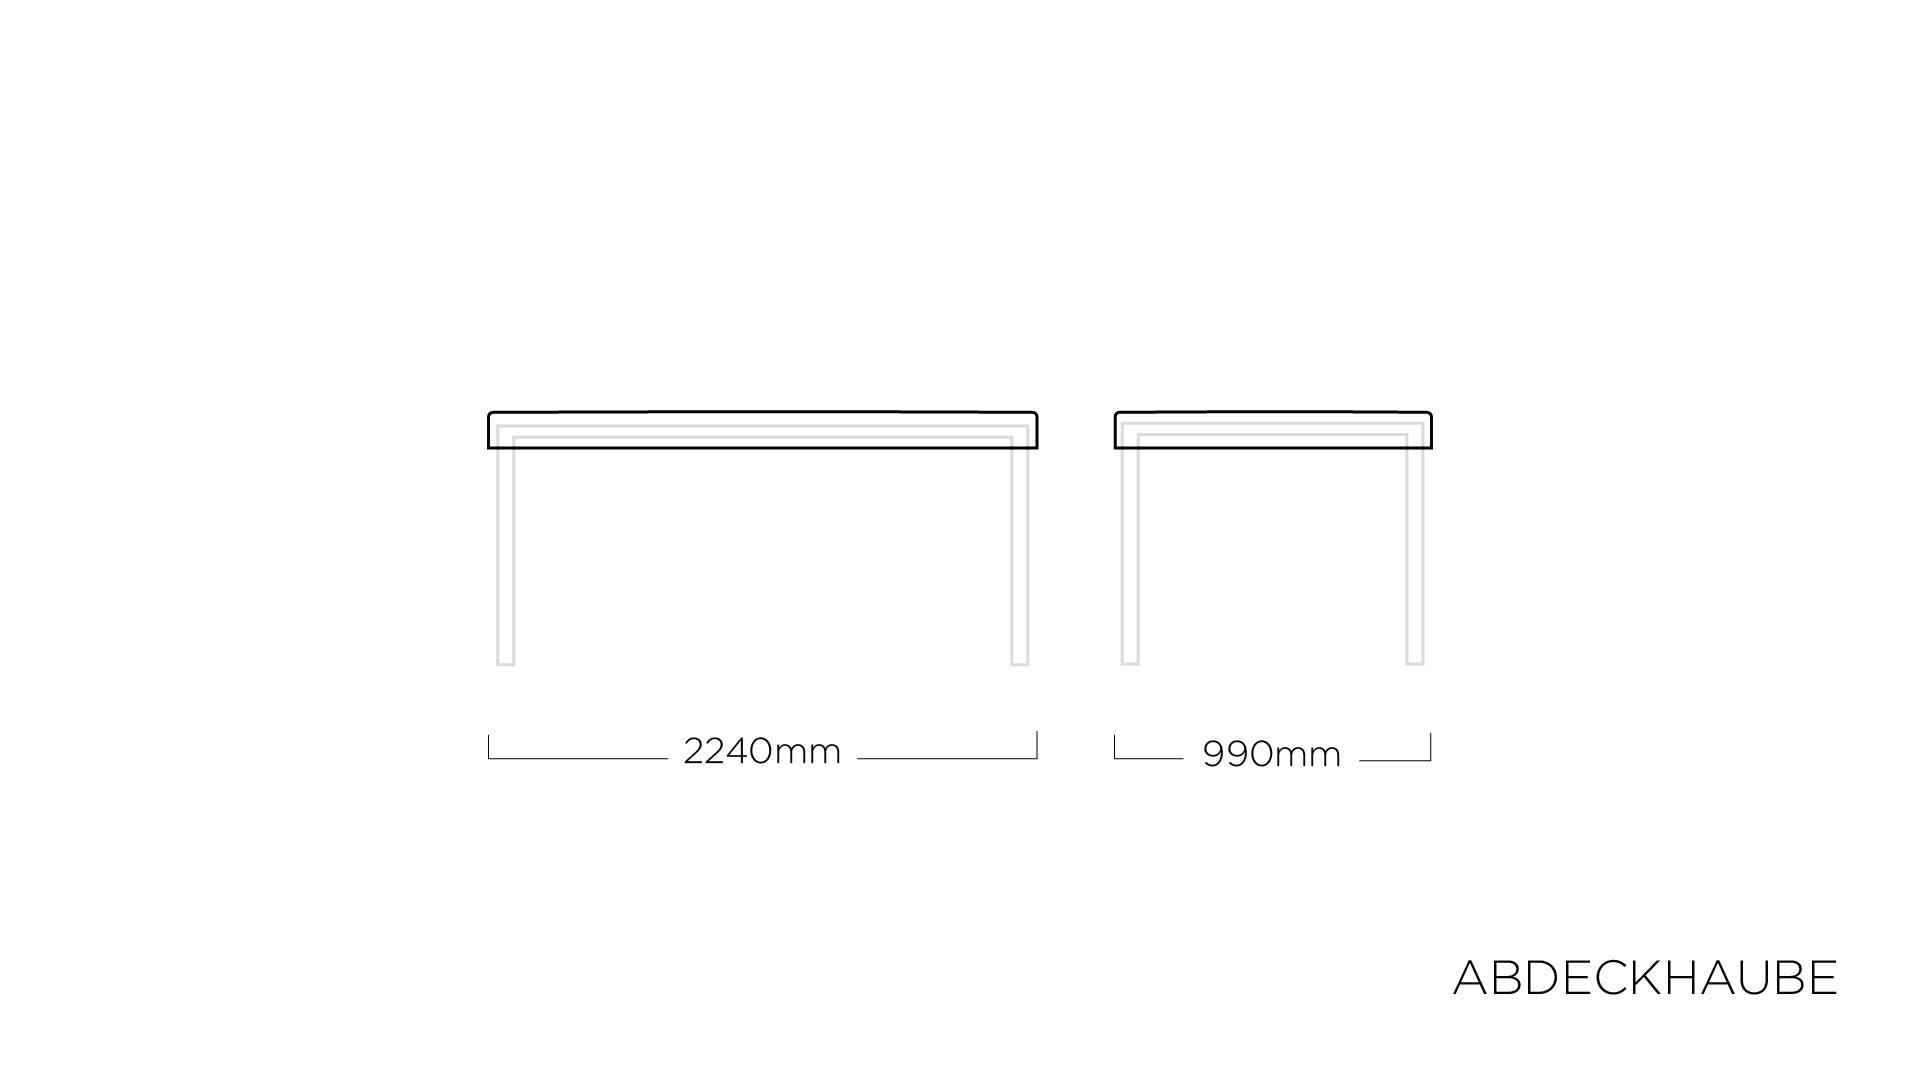 ABDECKHAUBEN für Tischplatte 220 x 95 cm